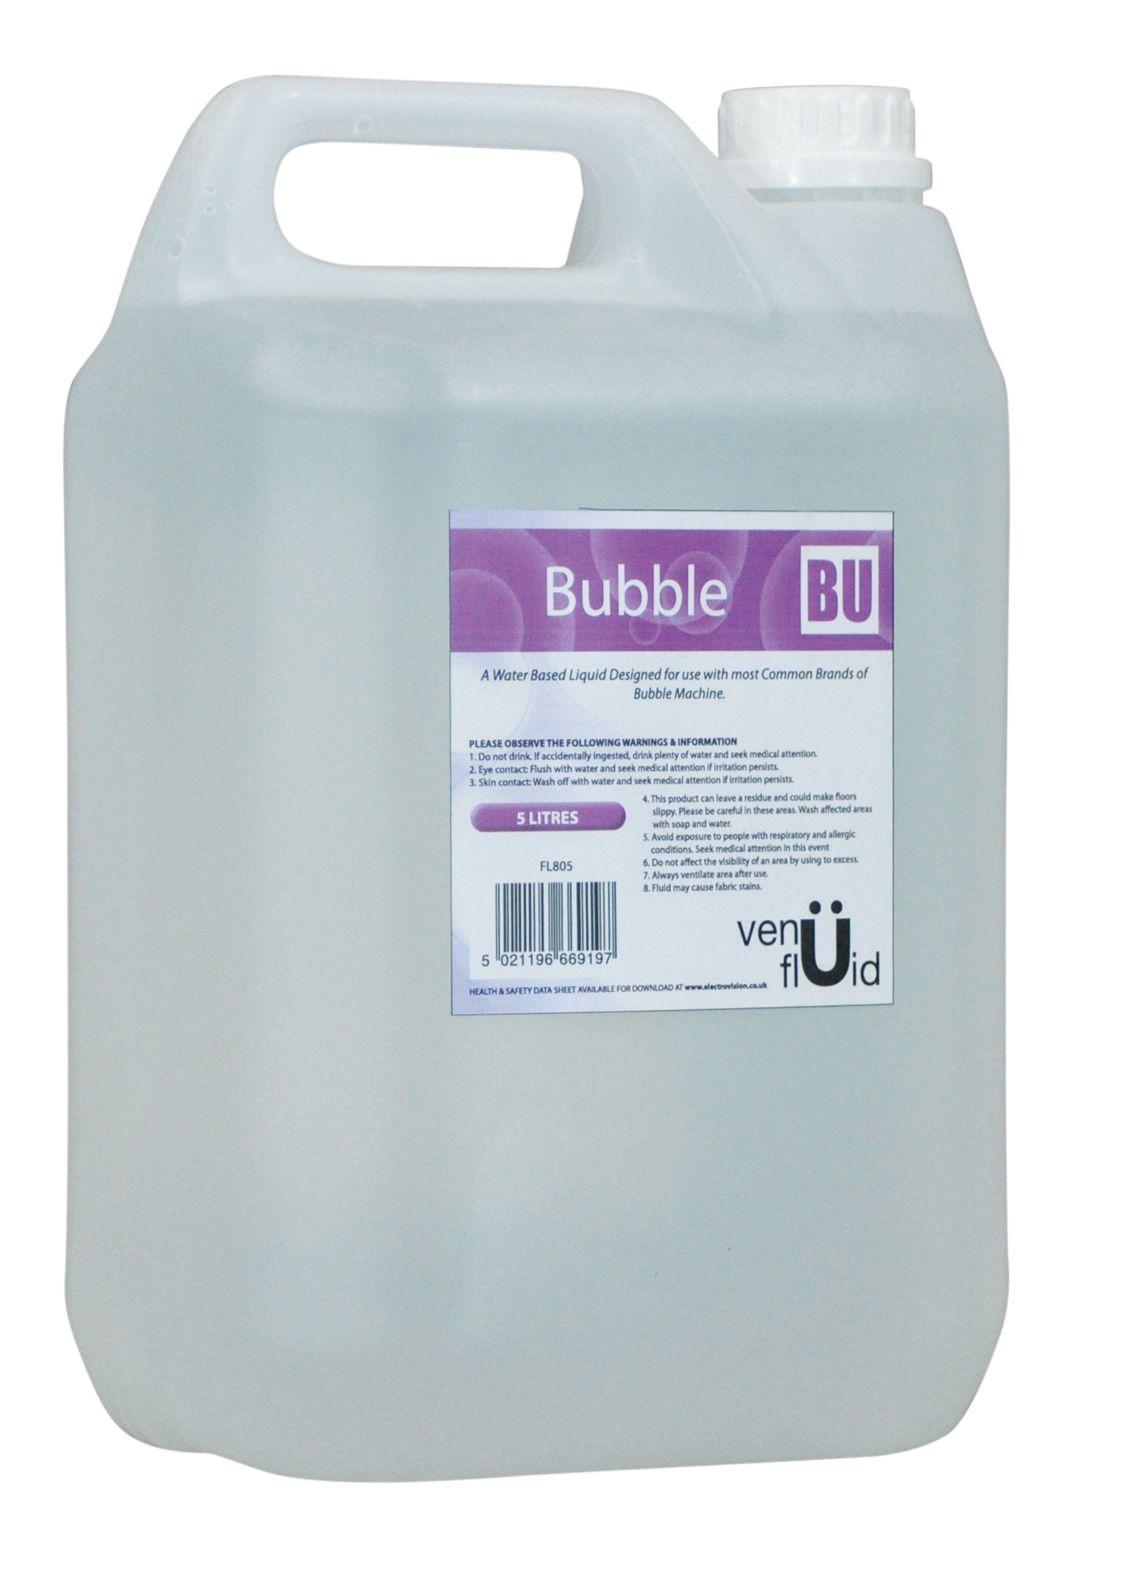 Venu Bubble Fluid 5 Litres suitable for all bubble machines